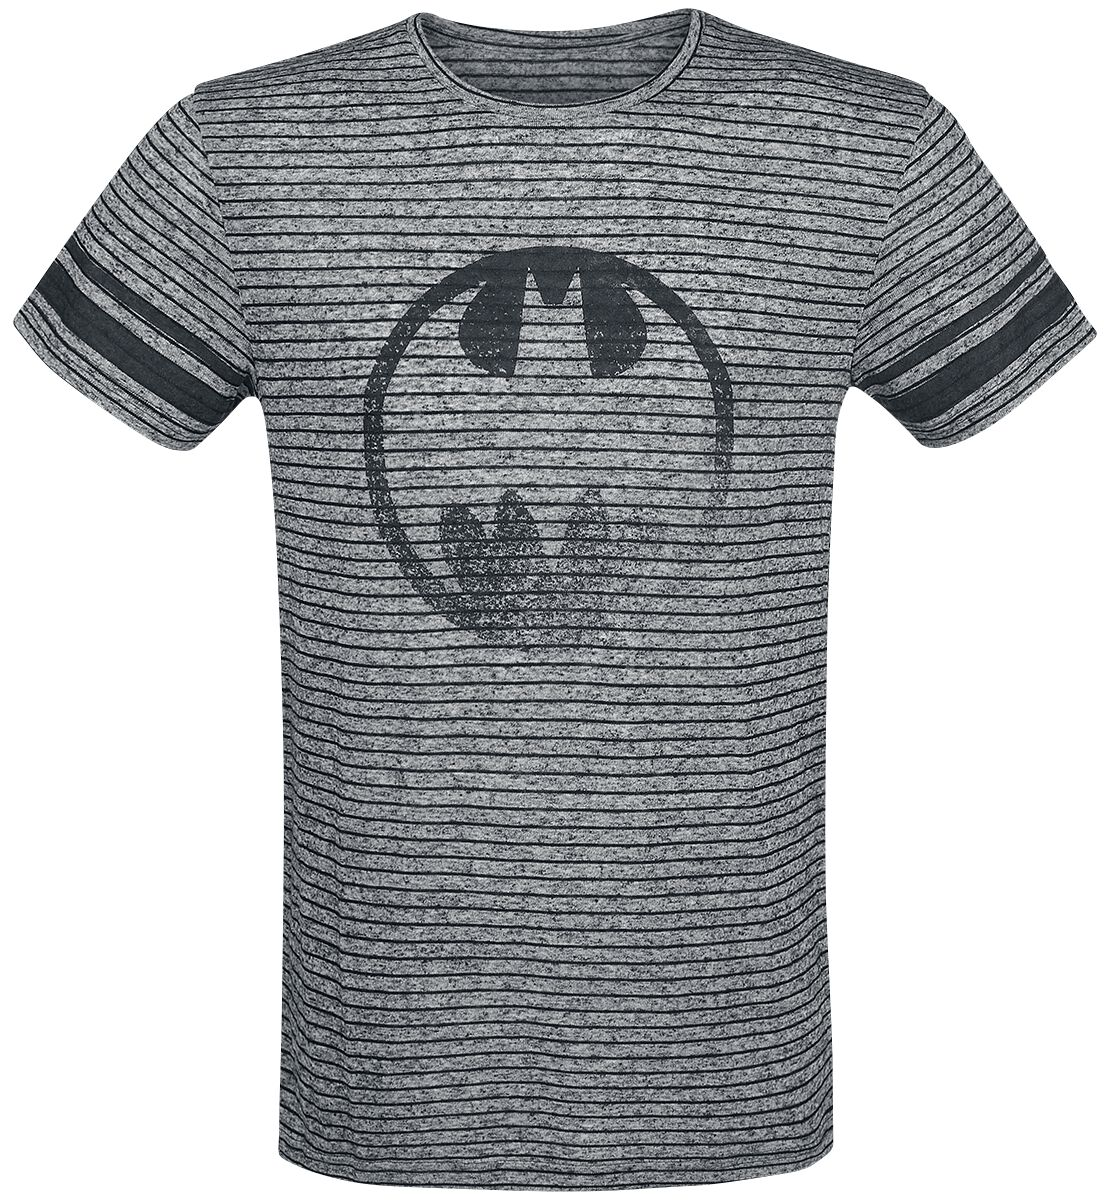 Image of   Batman Gotham City 39 Girlie trøje blandet grå-sort